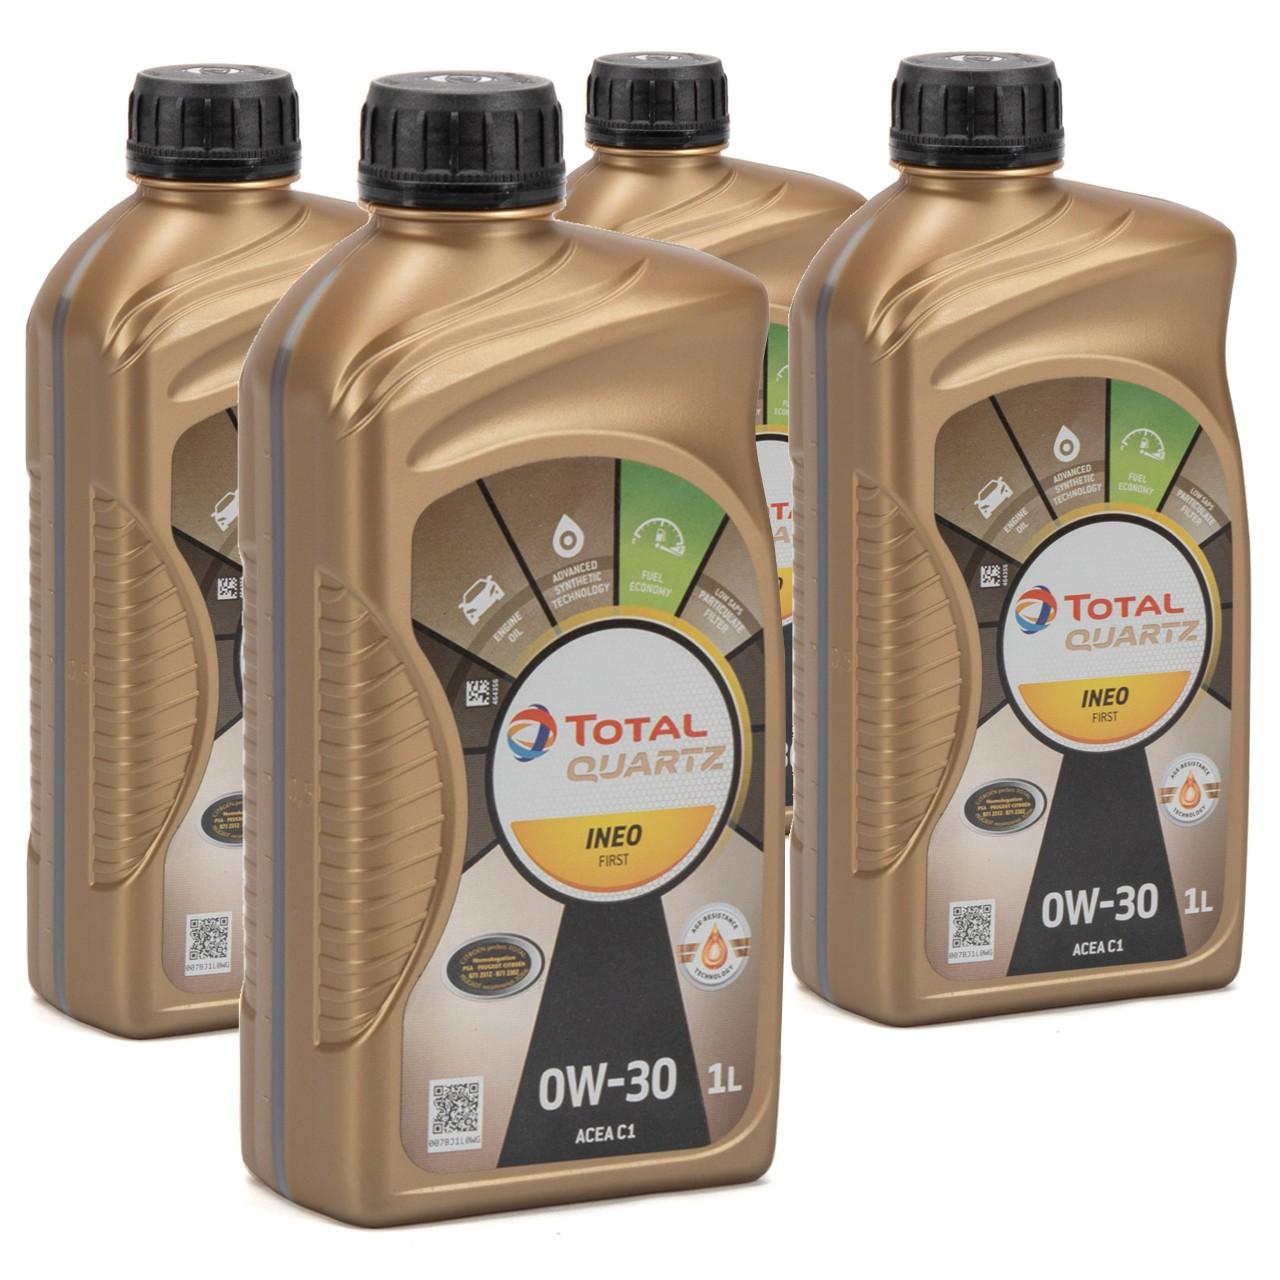 TOTAL QUARTZ INEO FIRST Motoröl Öl 0W-30 ACEA C1 C2 PSA B71 2312 - 4L 4 Liter